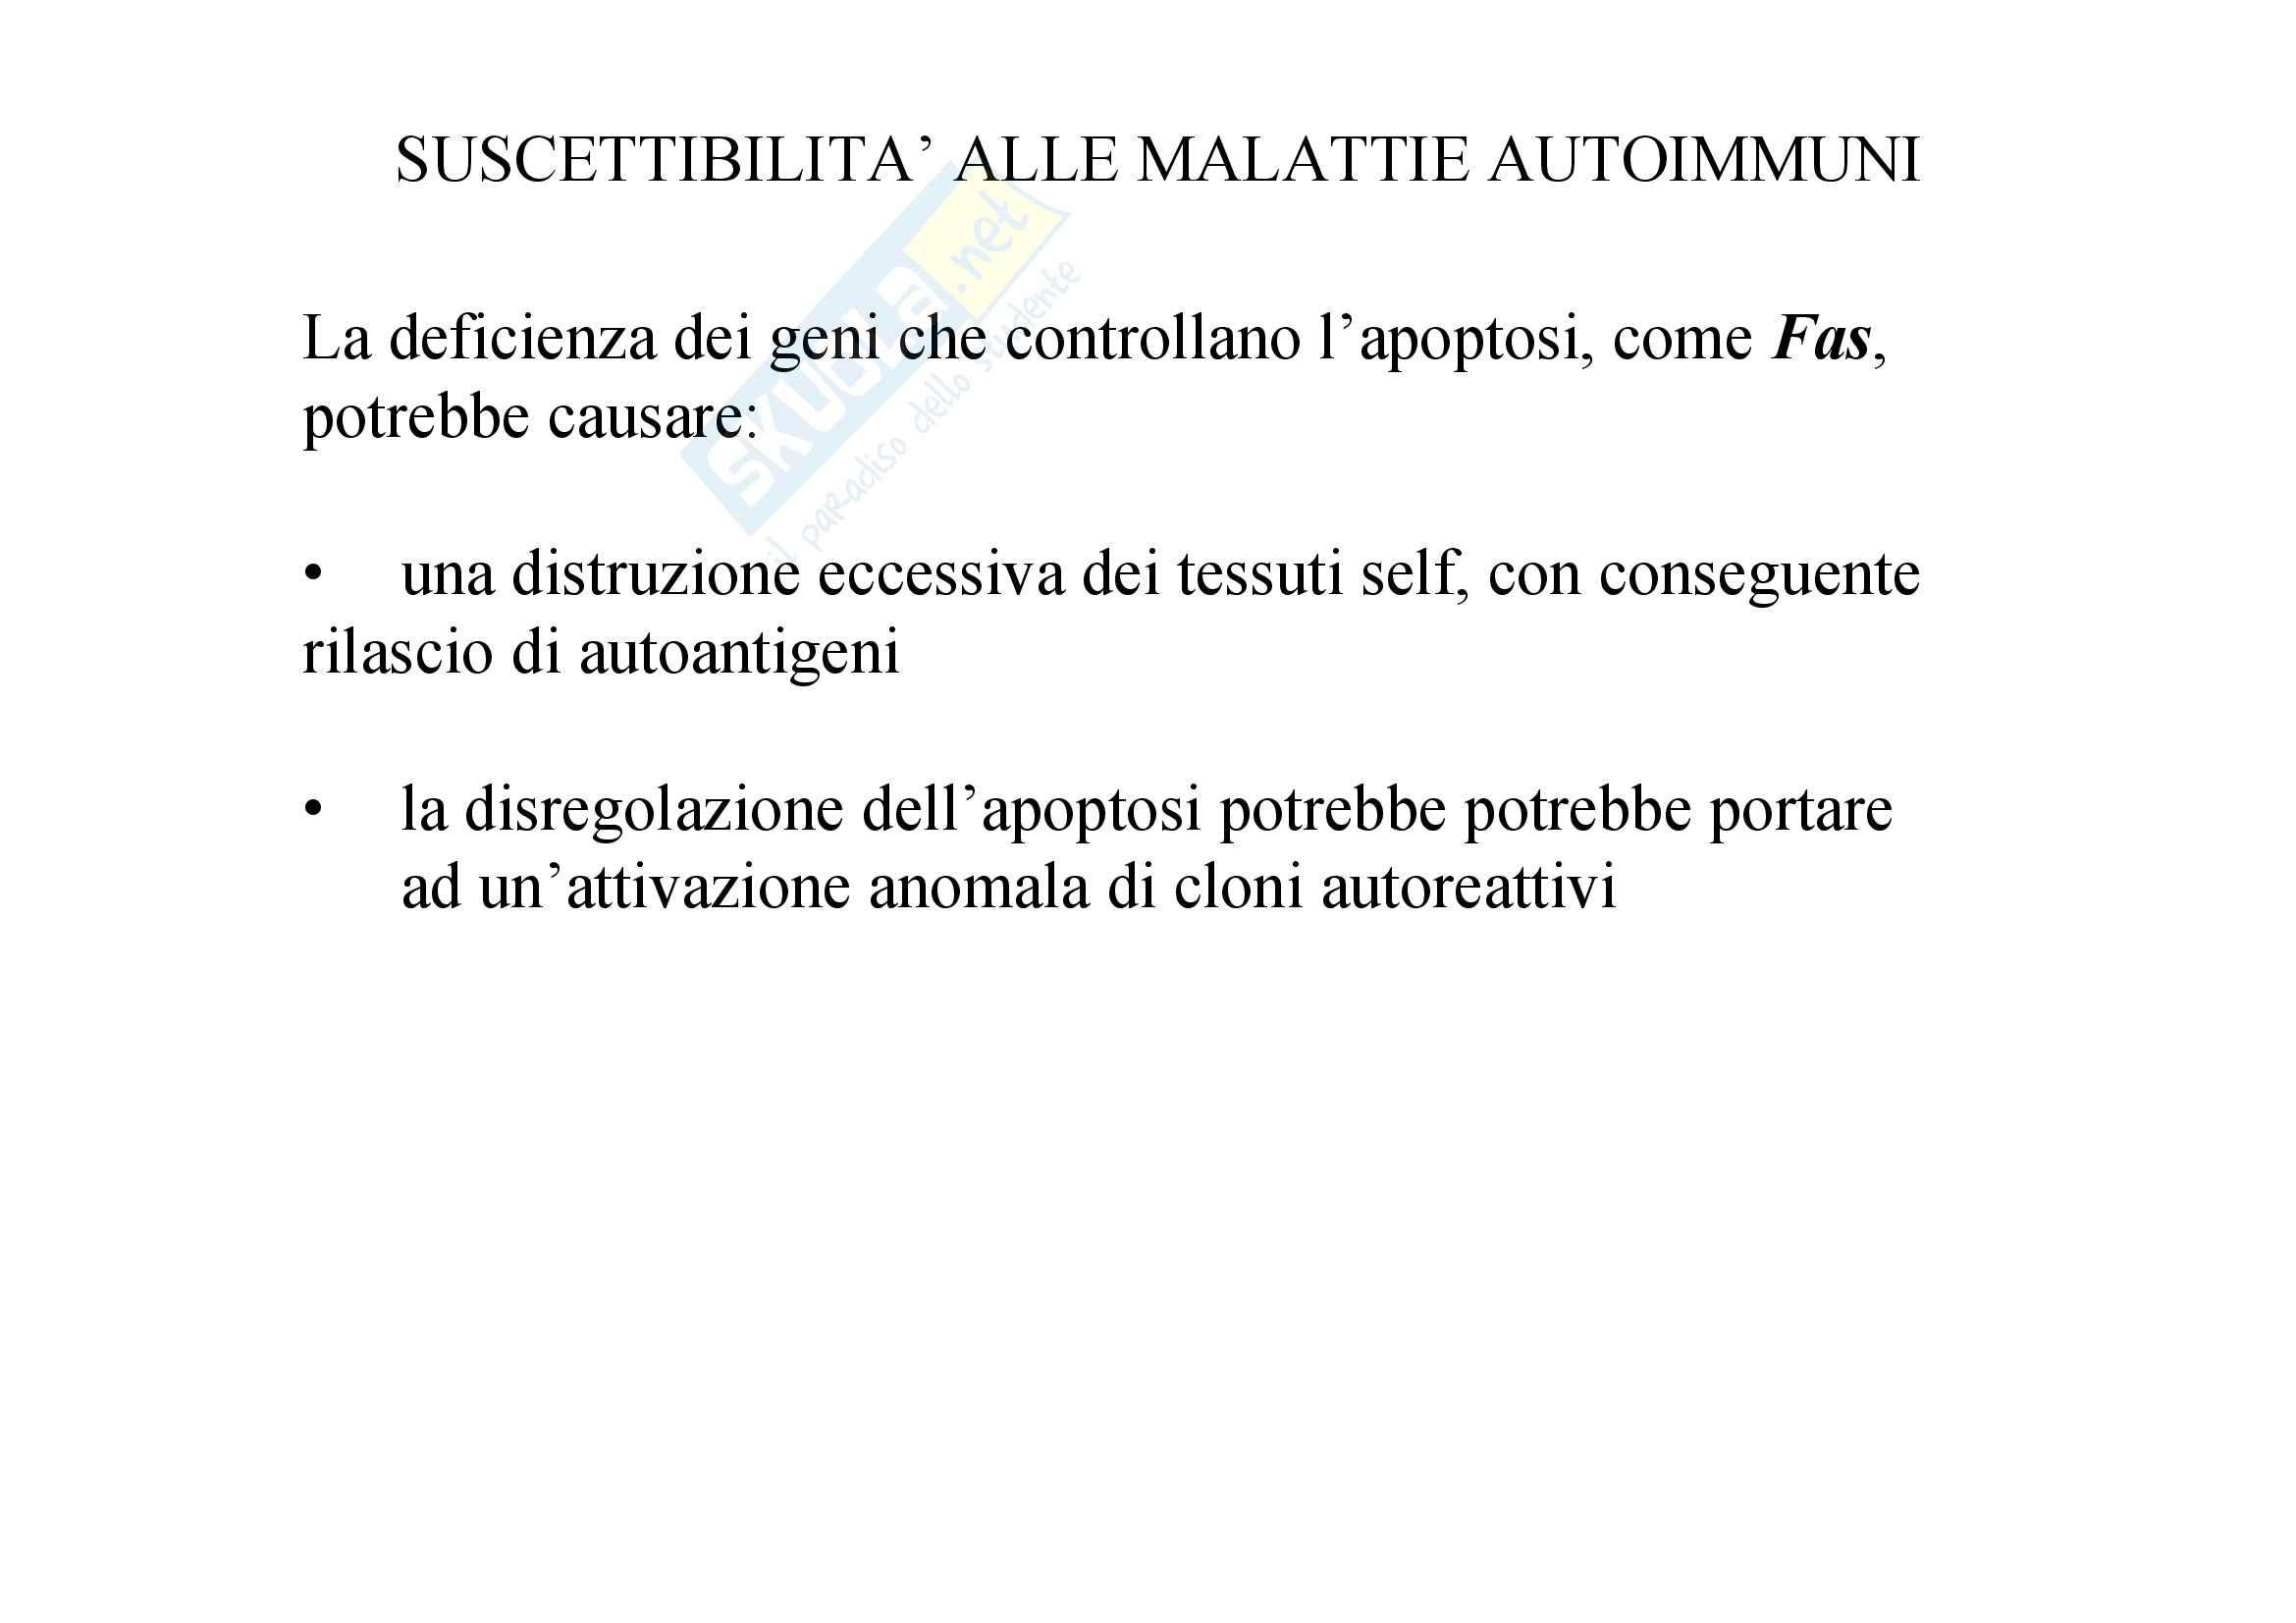 Immunologia - suscettibilità alle malattie autoimmuni Pag. 11